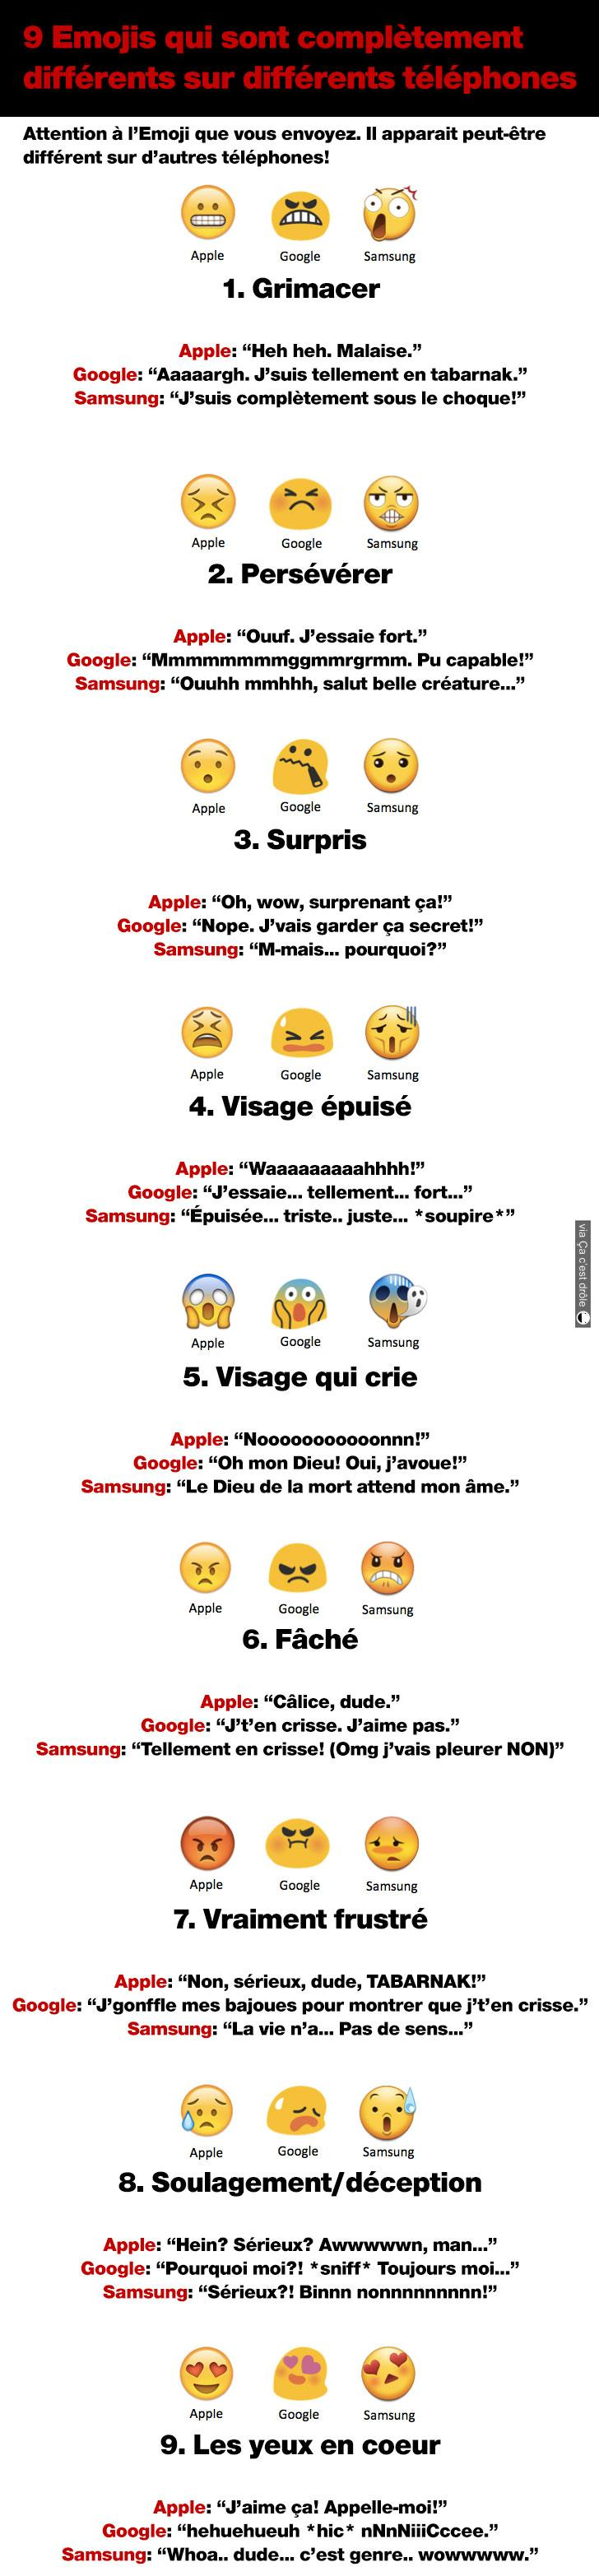 9 Emojis complètement différents sur d'autres téléphones